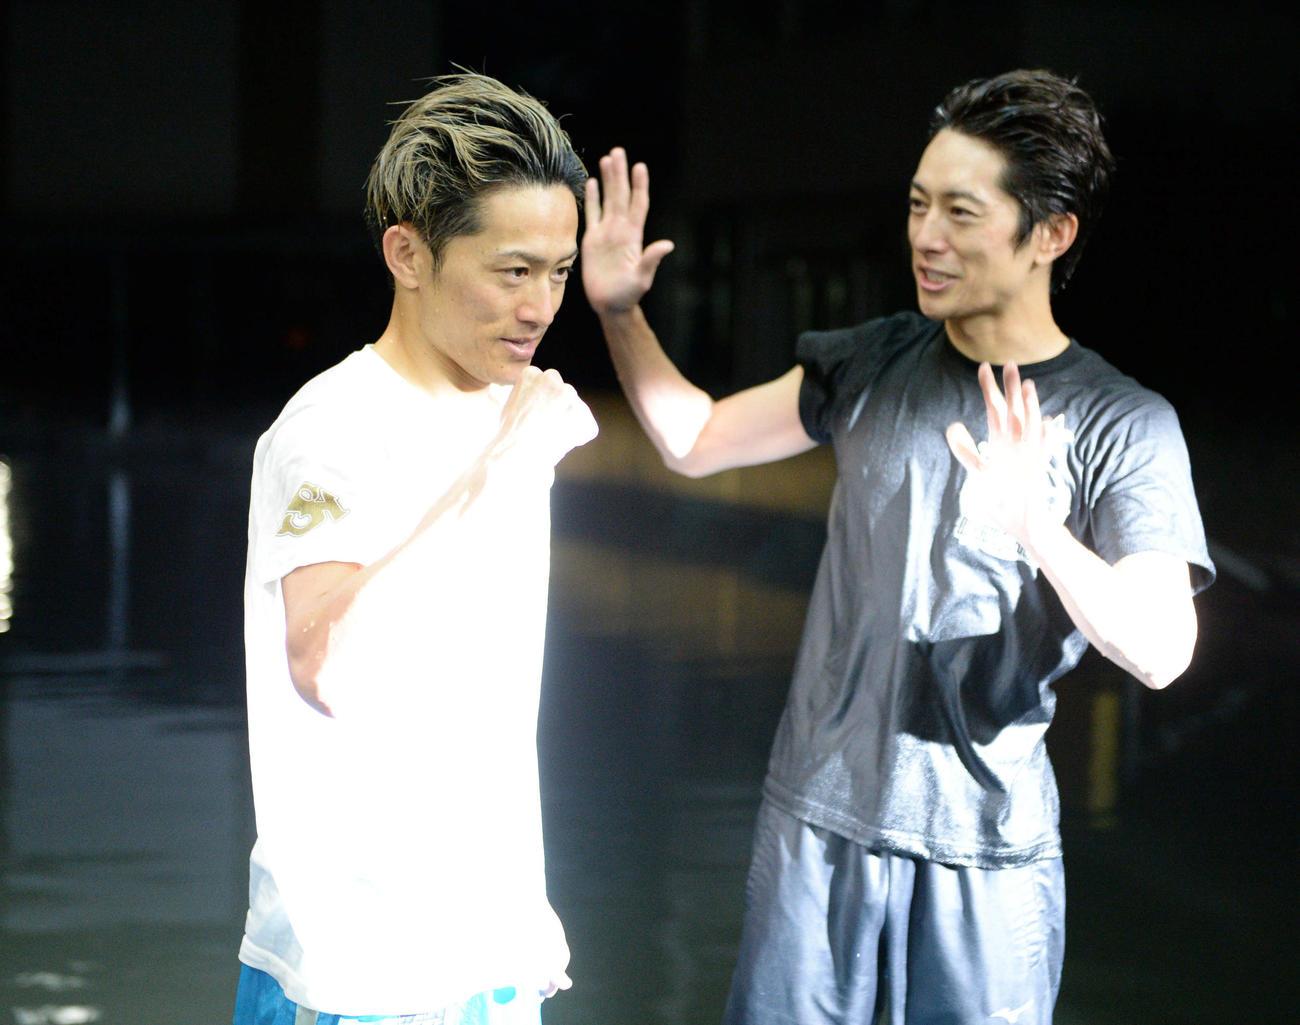 篠崎仁志(左)を祝福する兄元志(撮影・渦原淳